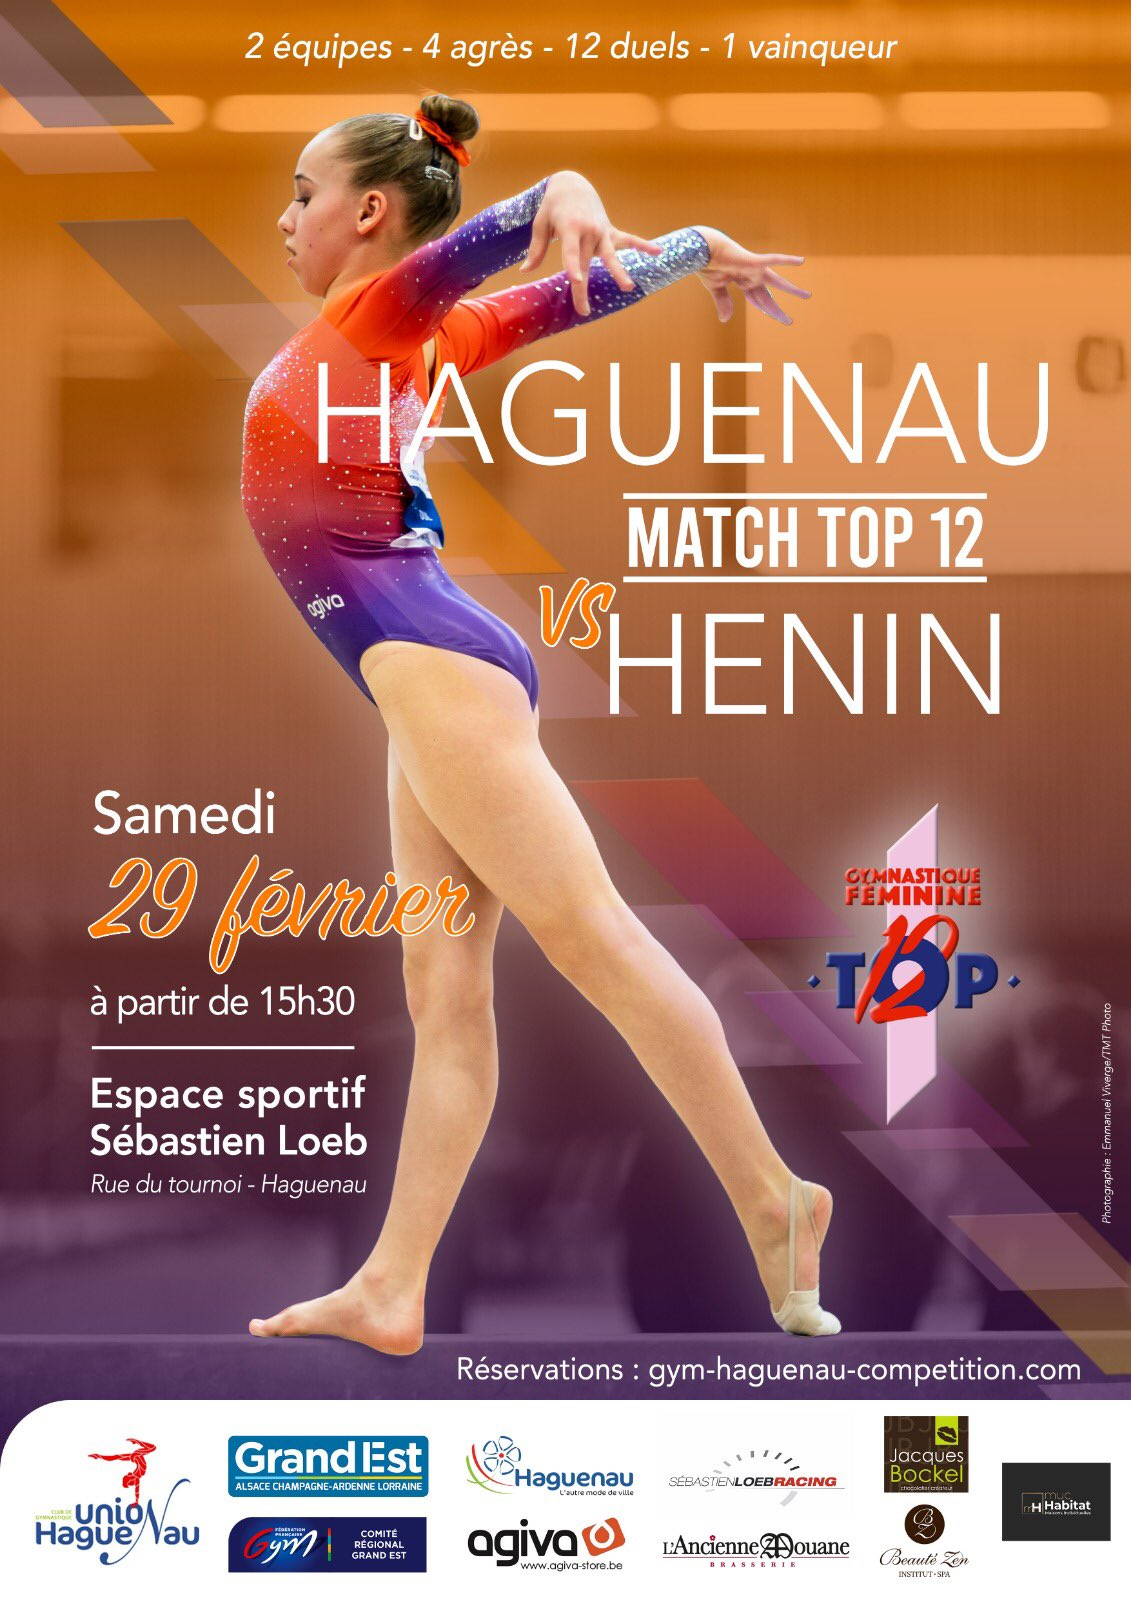 Gymnastique féminine Top 12 Haguenau Vs Henin